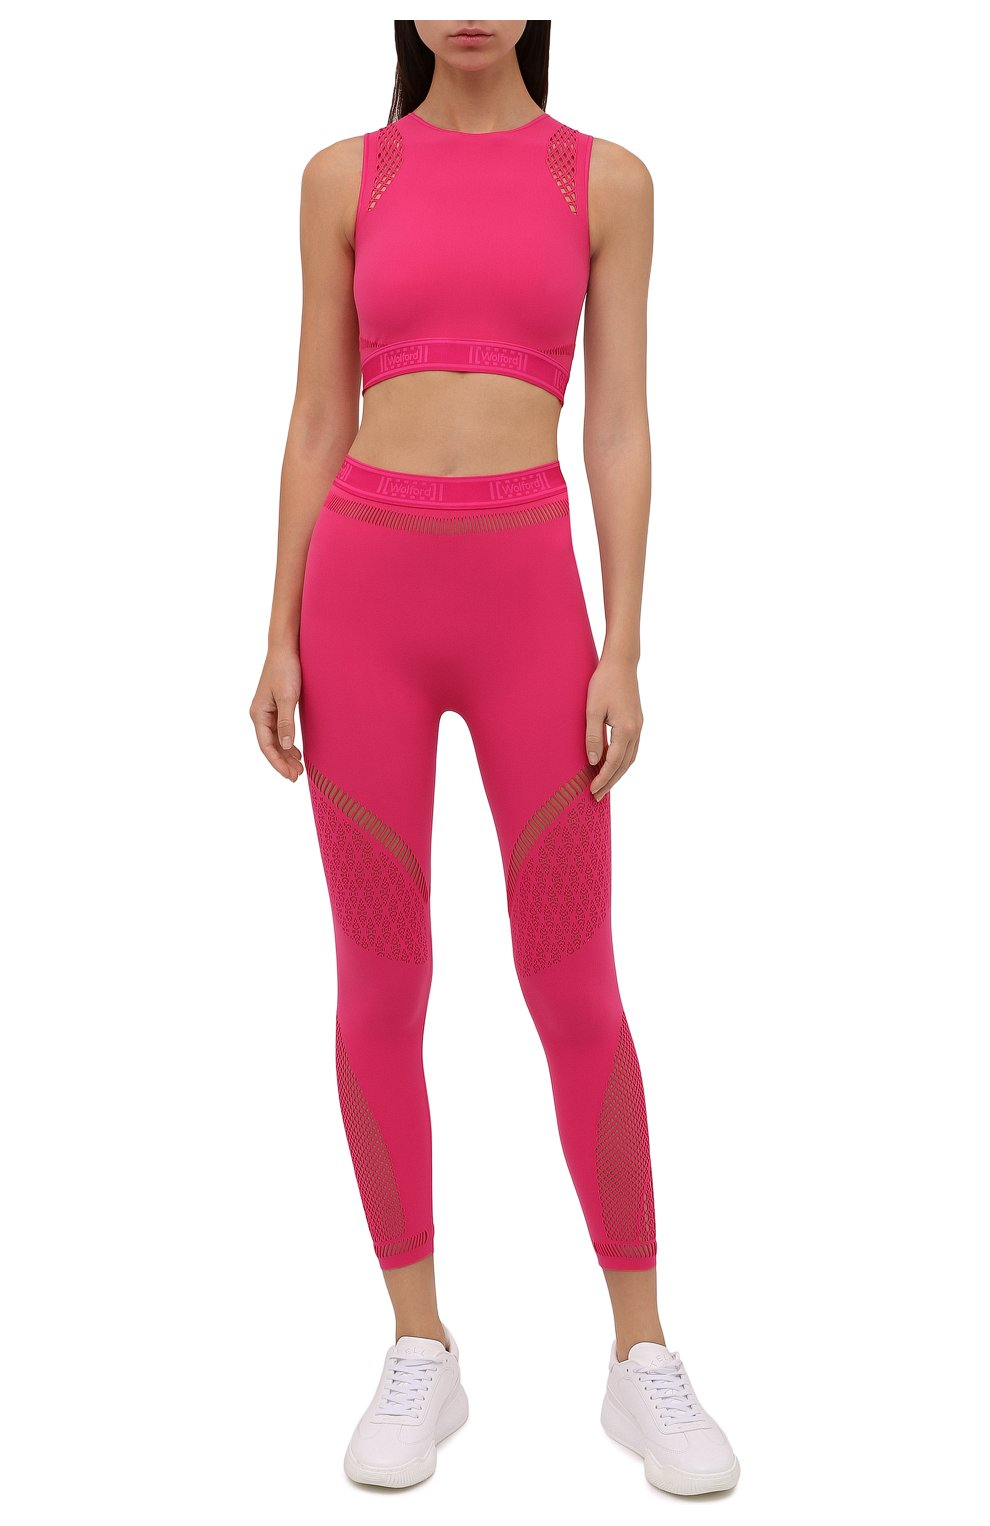 Женский топ WOLFORD розового цвета, арт. 52854 | Фото 2 (Женское Кросс-КТ: Топ-спорт; Материал внешний: Синтетический материал; Стили: Спорт-шик; Длина (для топов): Укороченные)